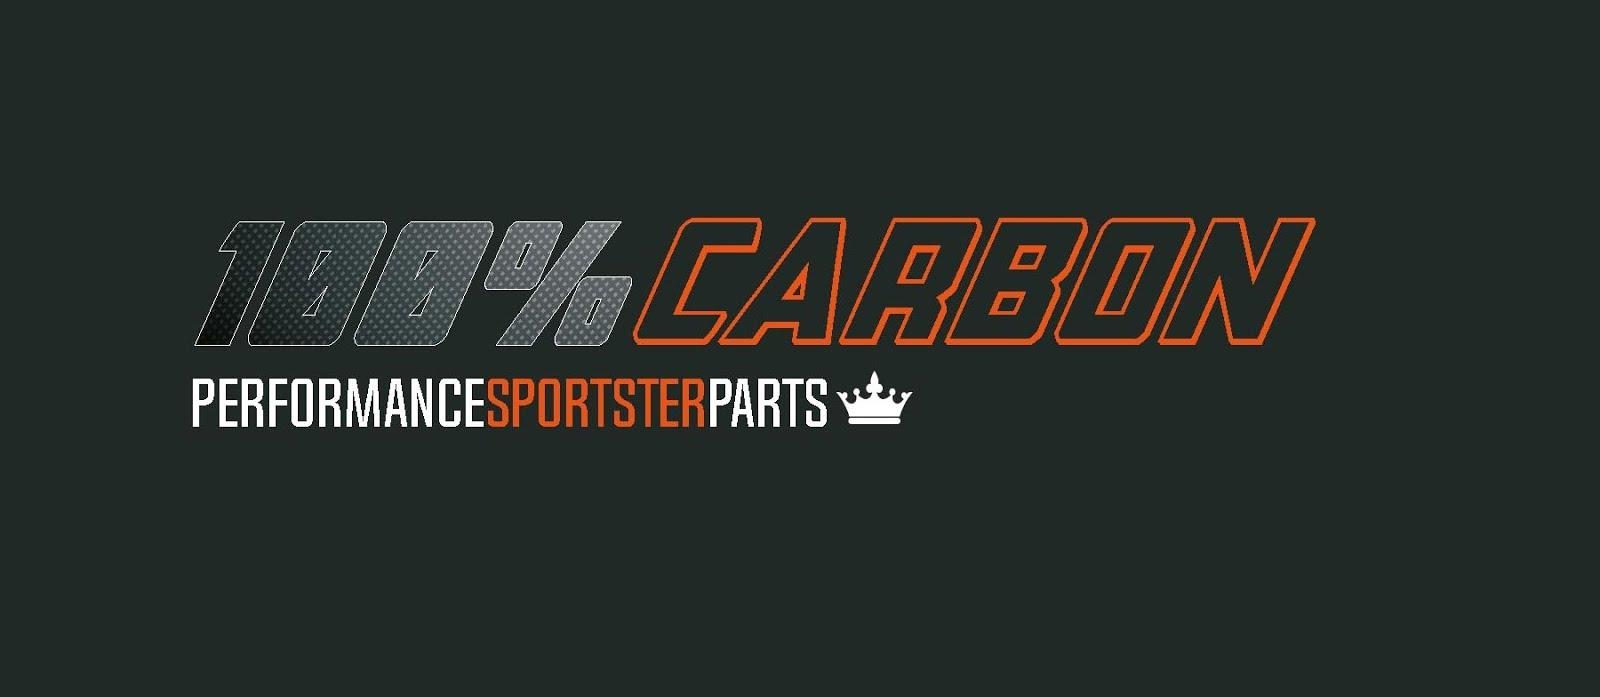 100%CARBON